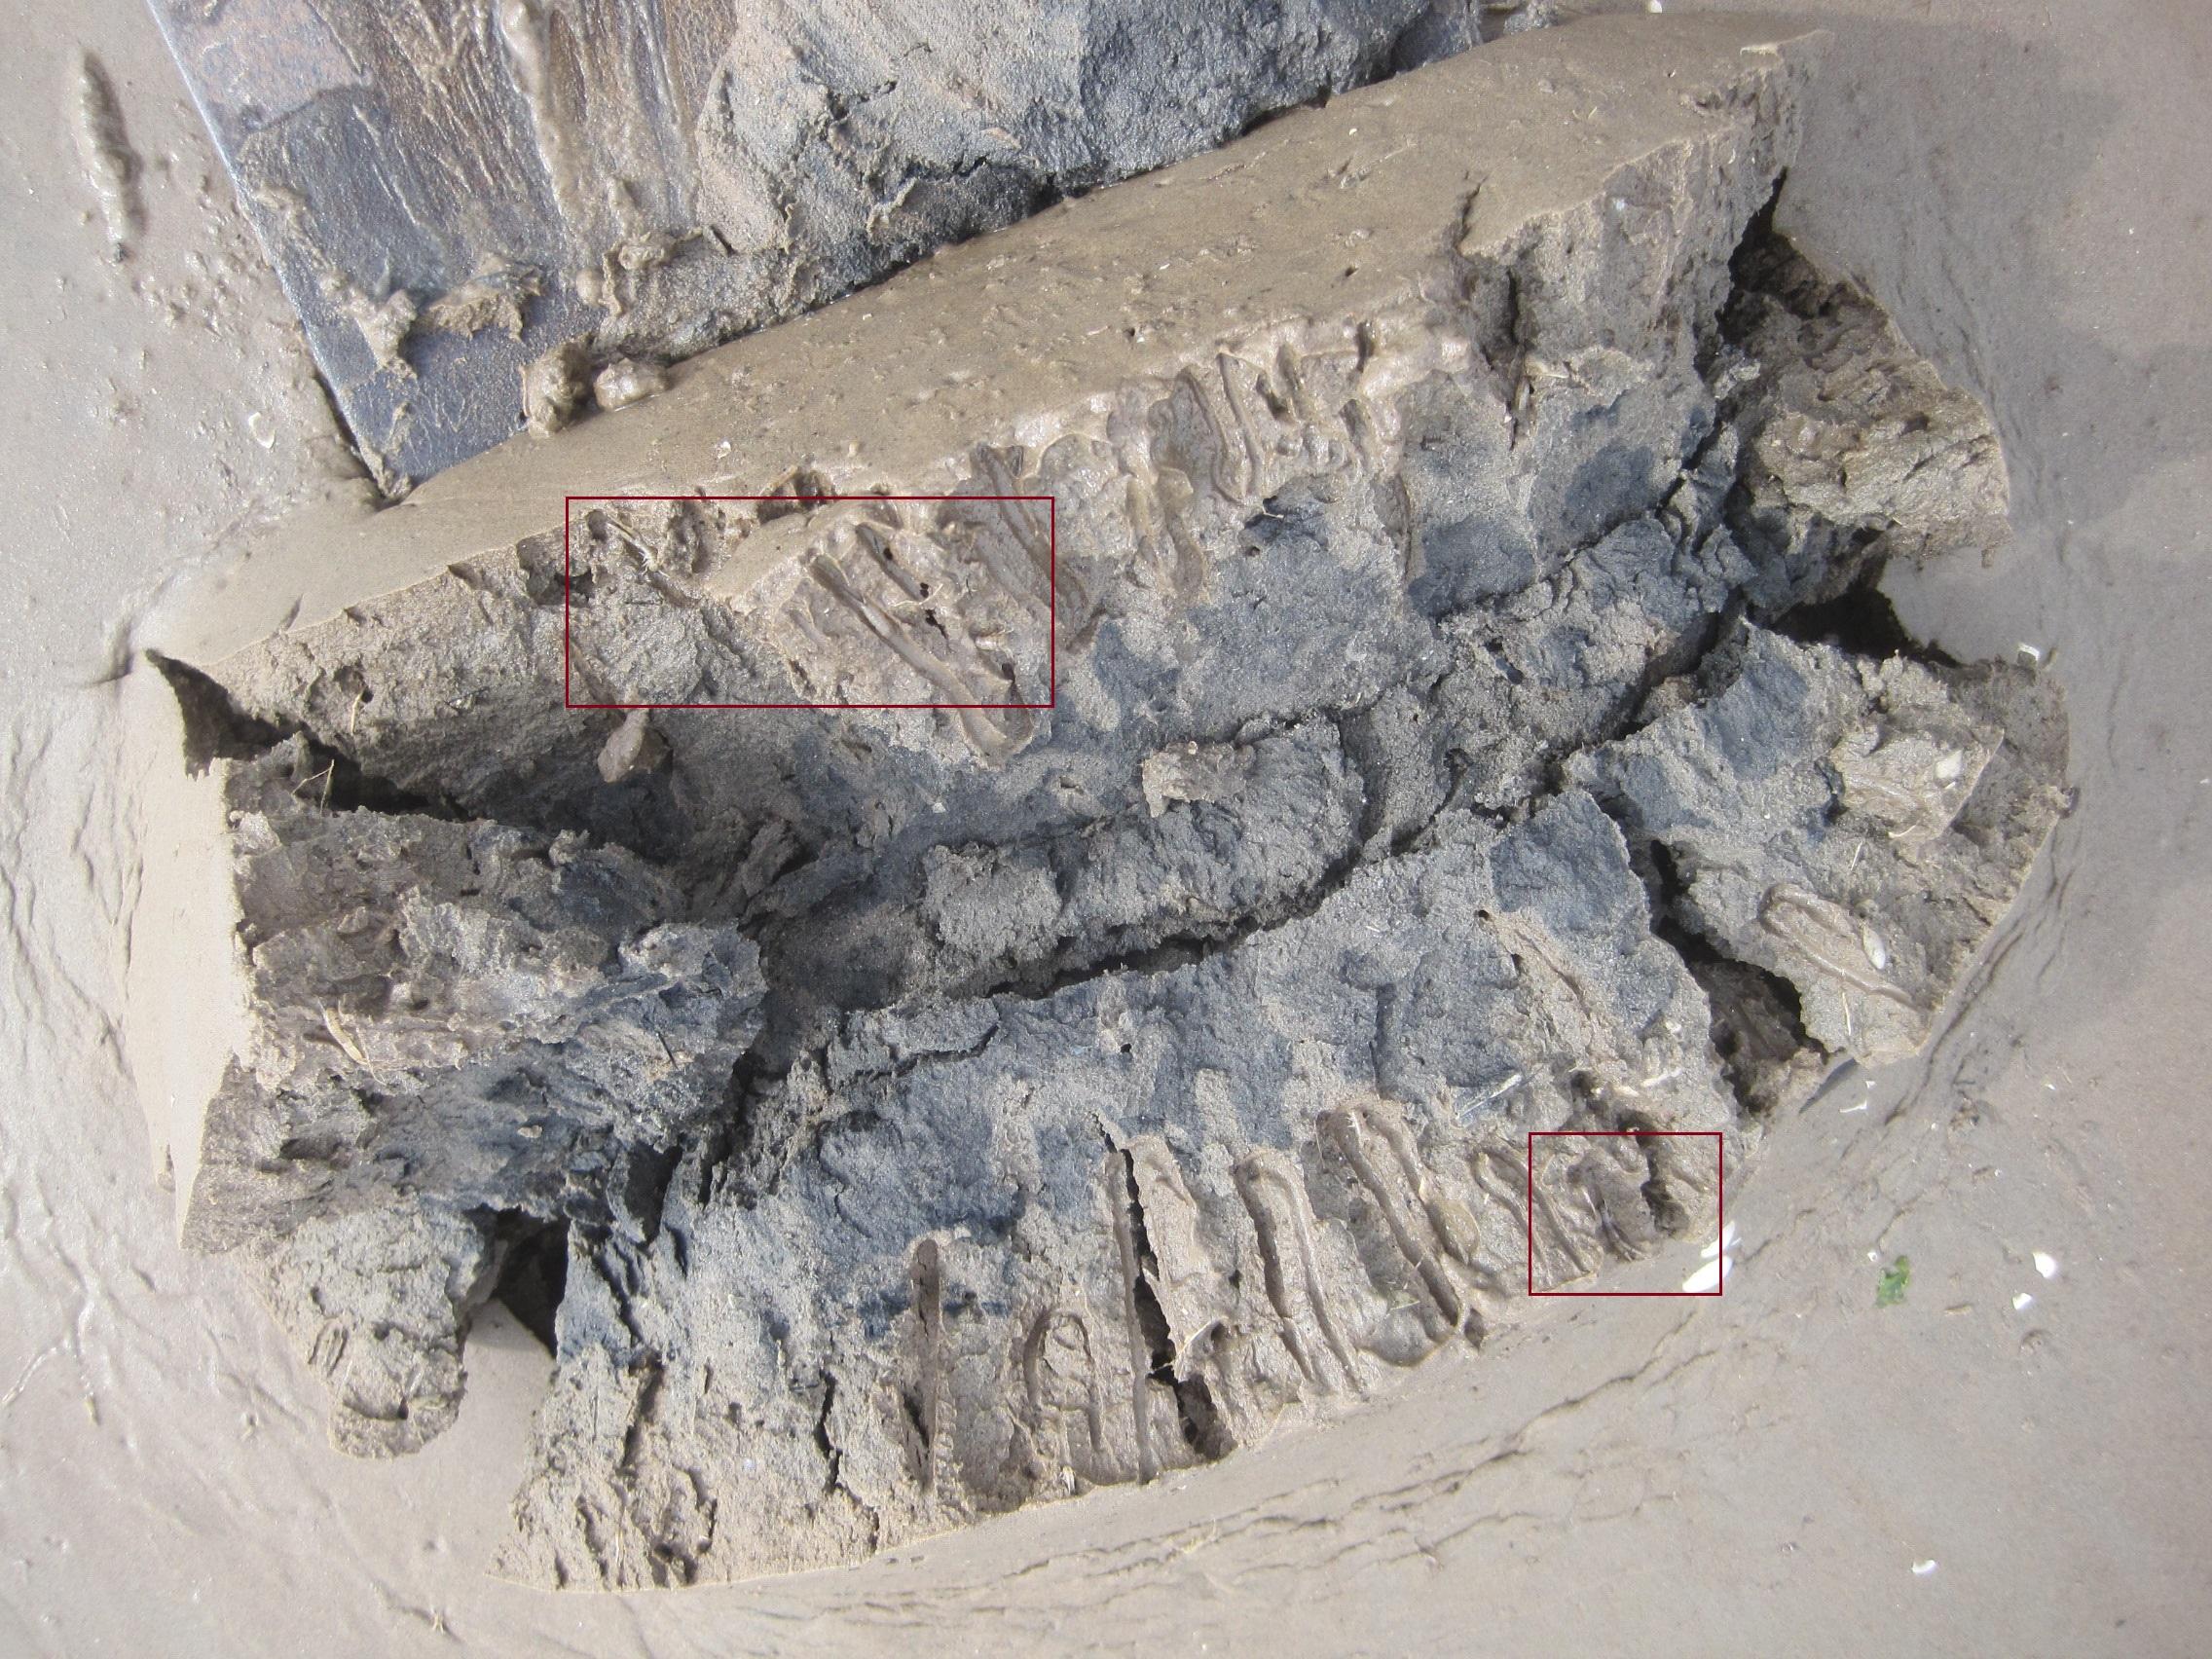 campfield corophium in burrows